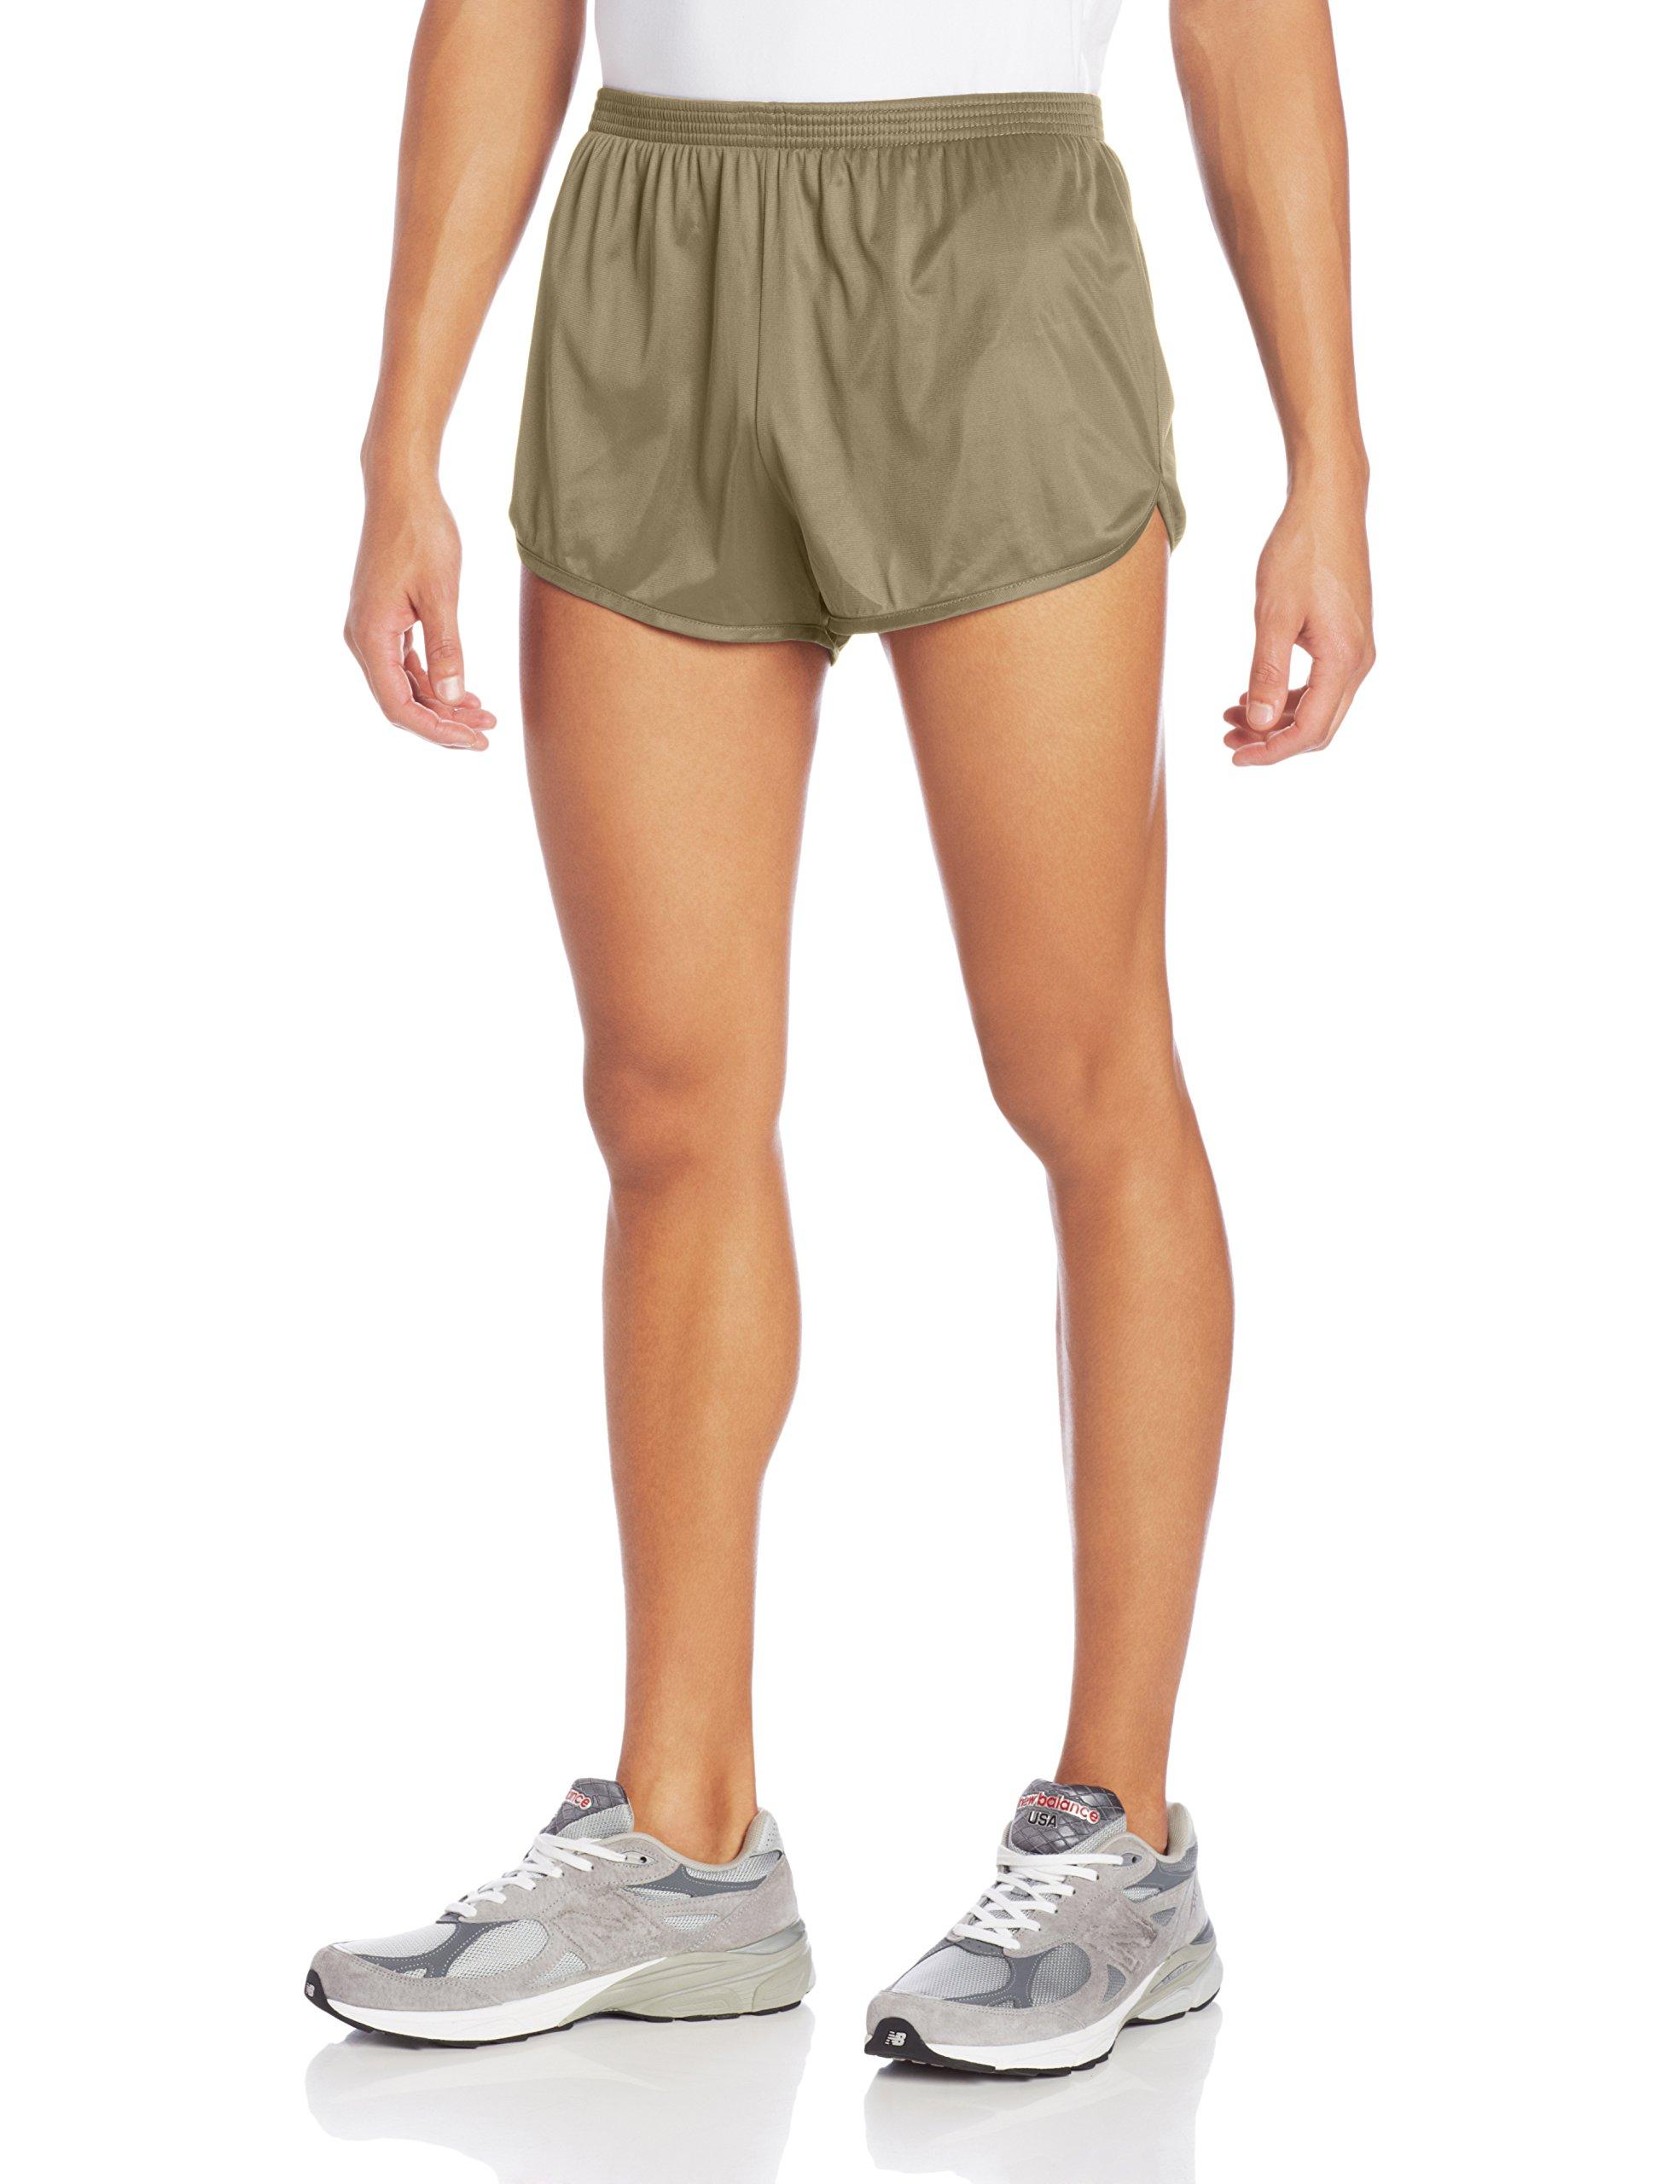 Soffe Men's Ranger Panty Running Short, Tan, Medium